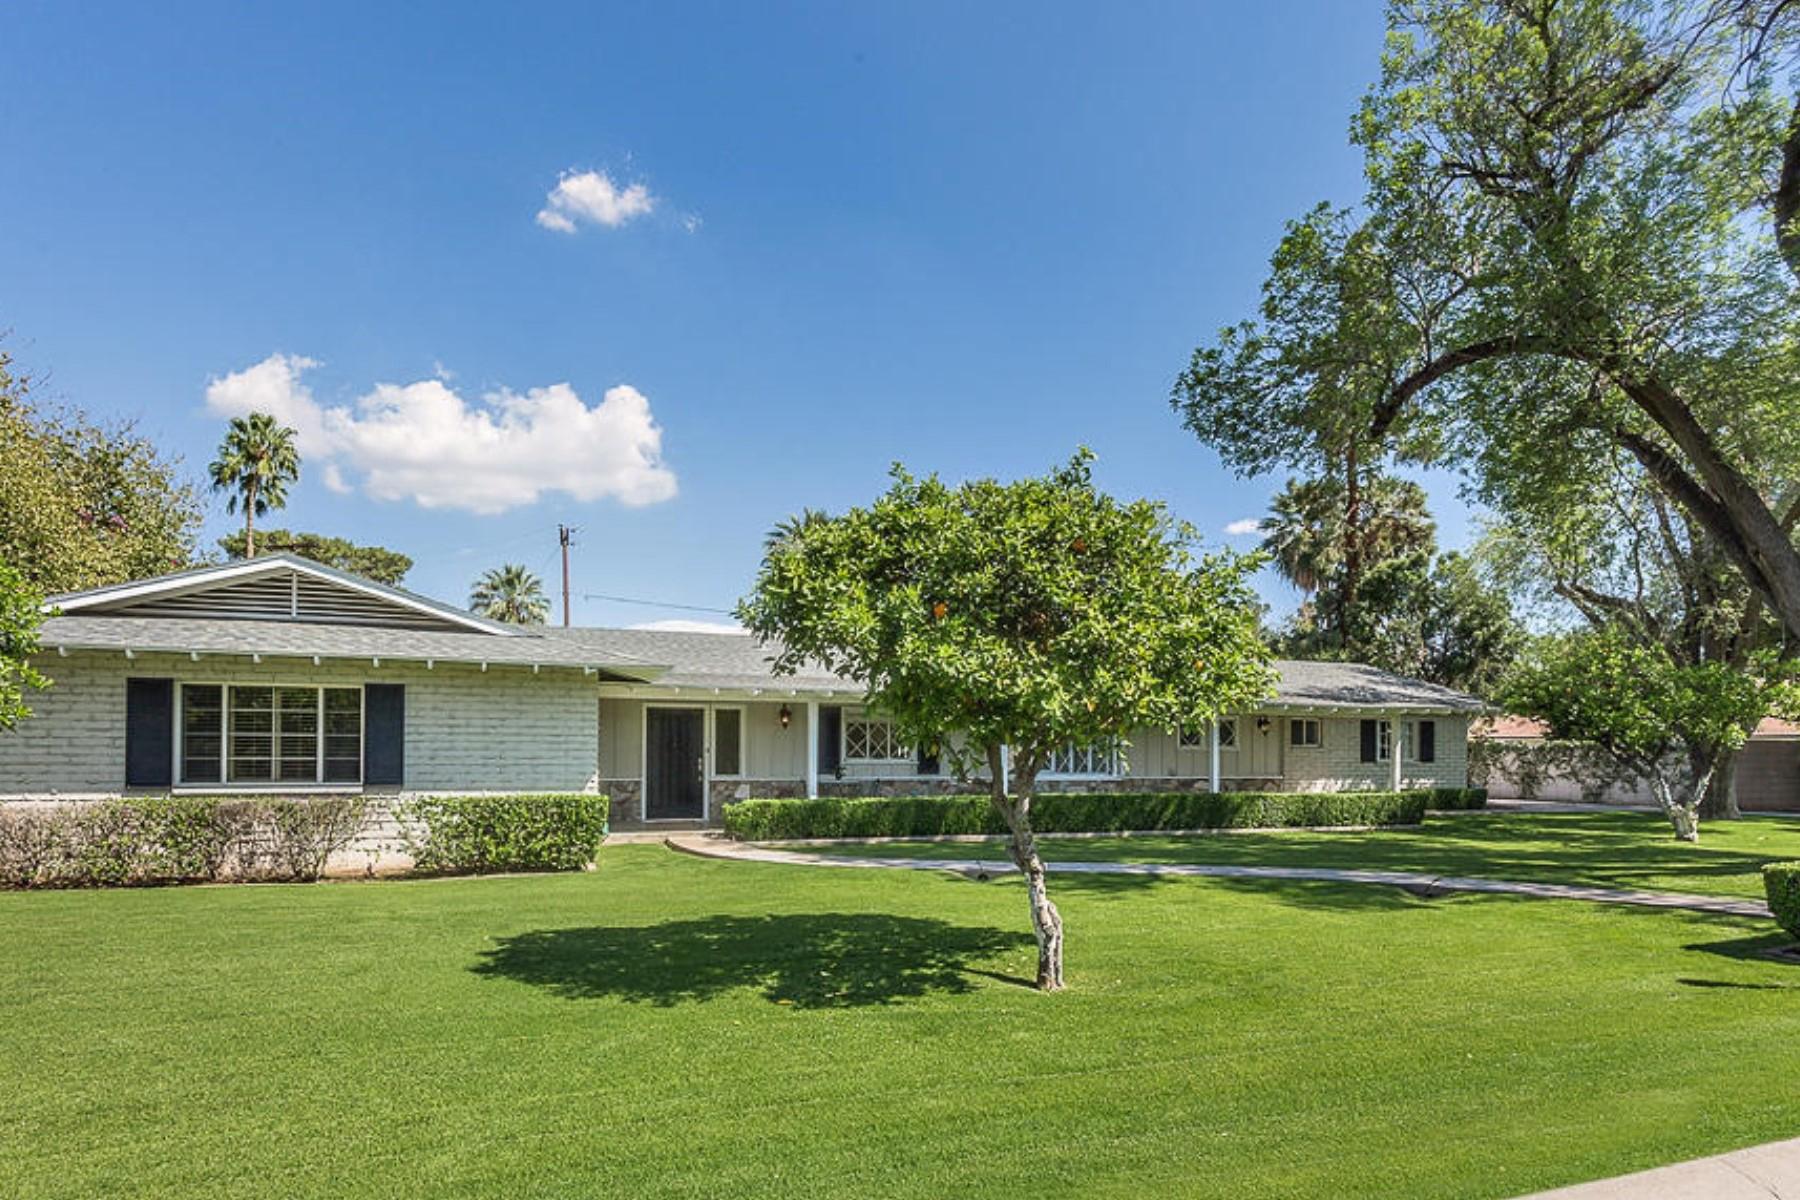 一戸建て のために 売買 アット Gorgeous 1950s Ranch Style Home 7315 N 1st Street Phoenix, アリゾナ 85020 アメリカ合衆国